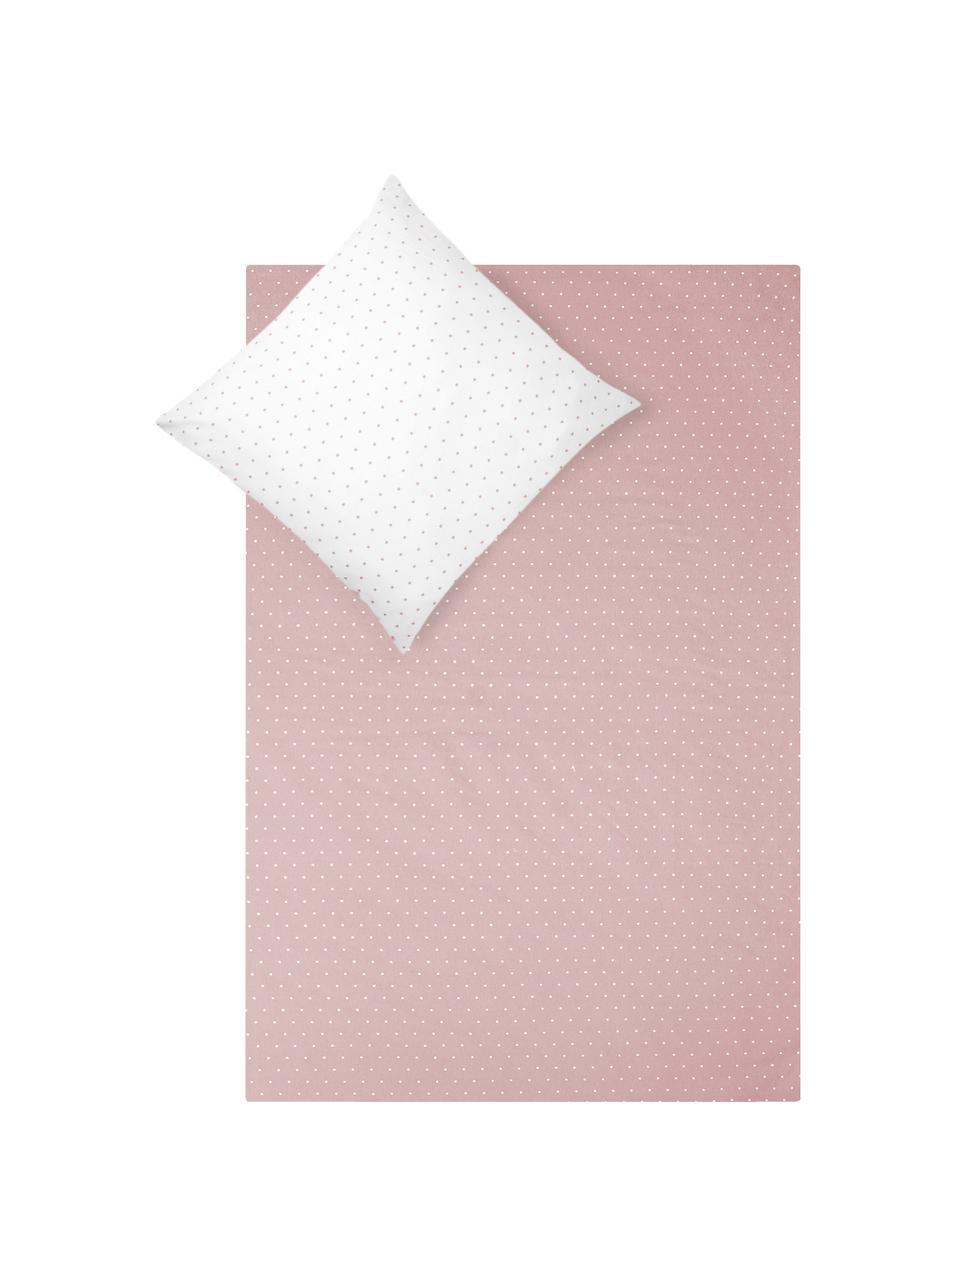 Flanell-Wendebettwäsche Betty, gepunktet, Webart: Flanell Flanell ist ein s, Altrosa, Weiß, 135 x 200 cm + 1 Kissen 80 x 80 cm